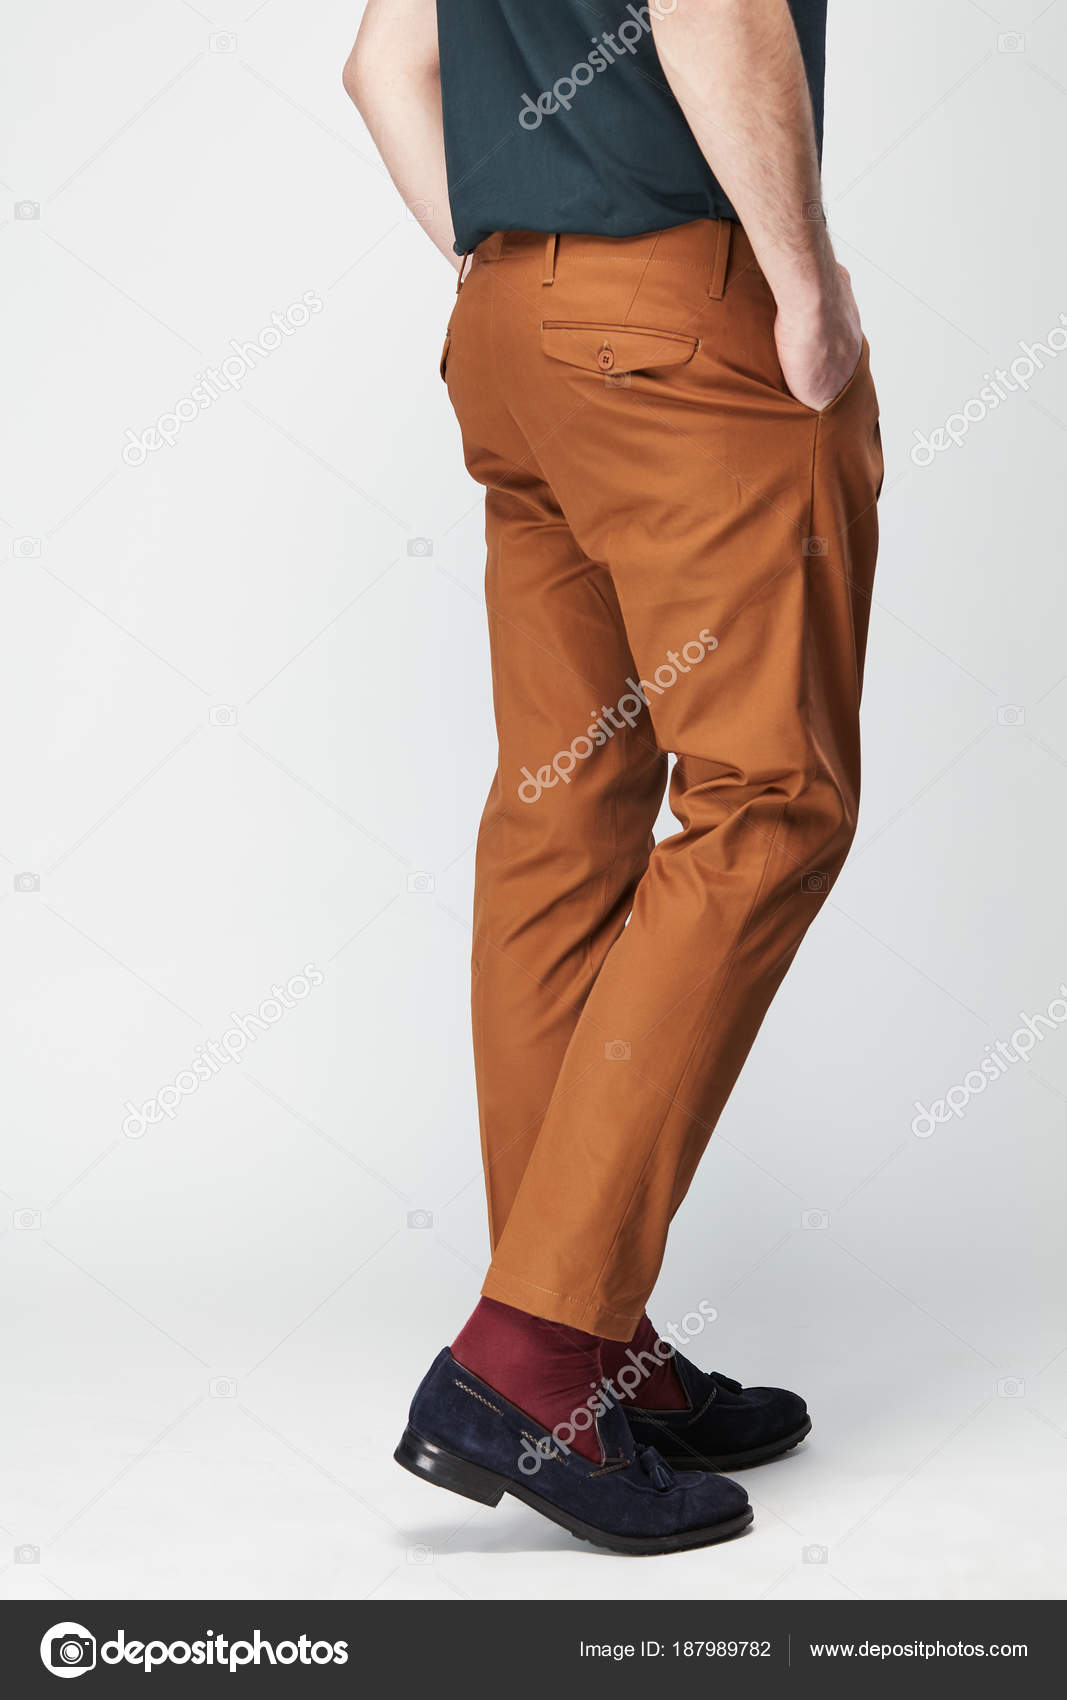 Ha Calze Foto Sparato Dell'uomo ArancioneRossi E Pantaloni Bianca Studio BluPriorità Di Scarpe Bassa — Marrone Lo In OiZuTkPX